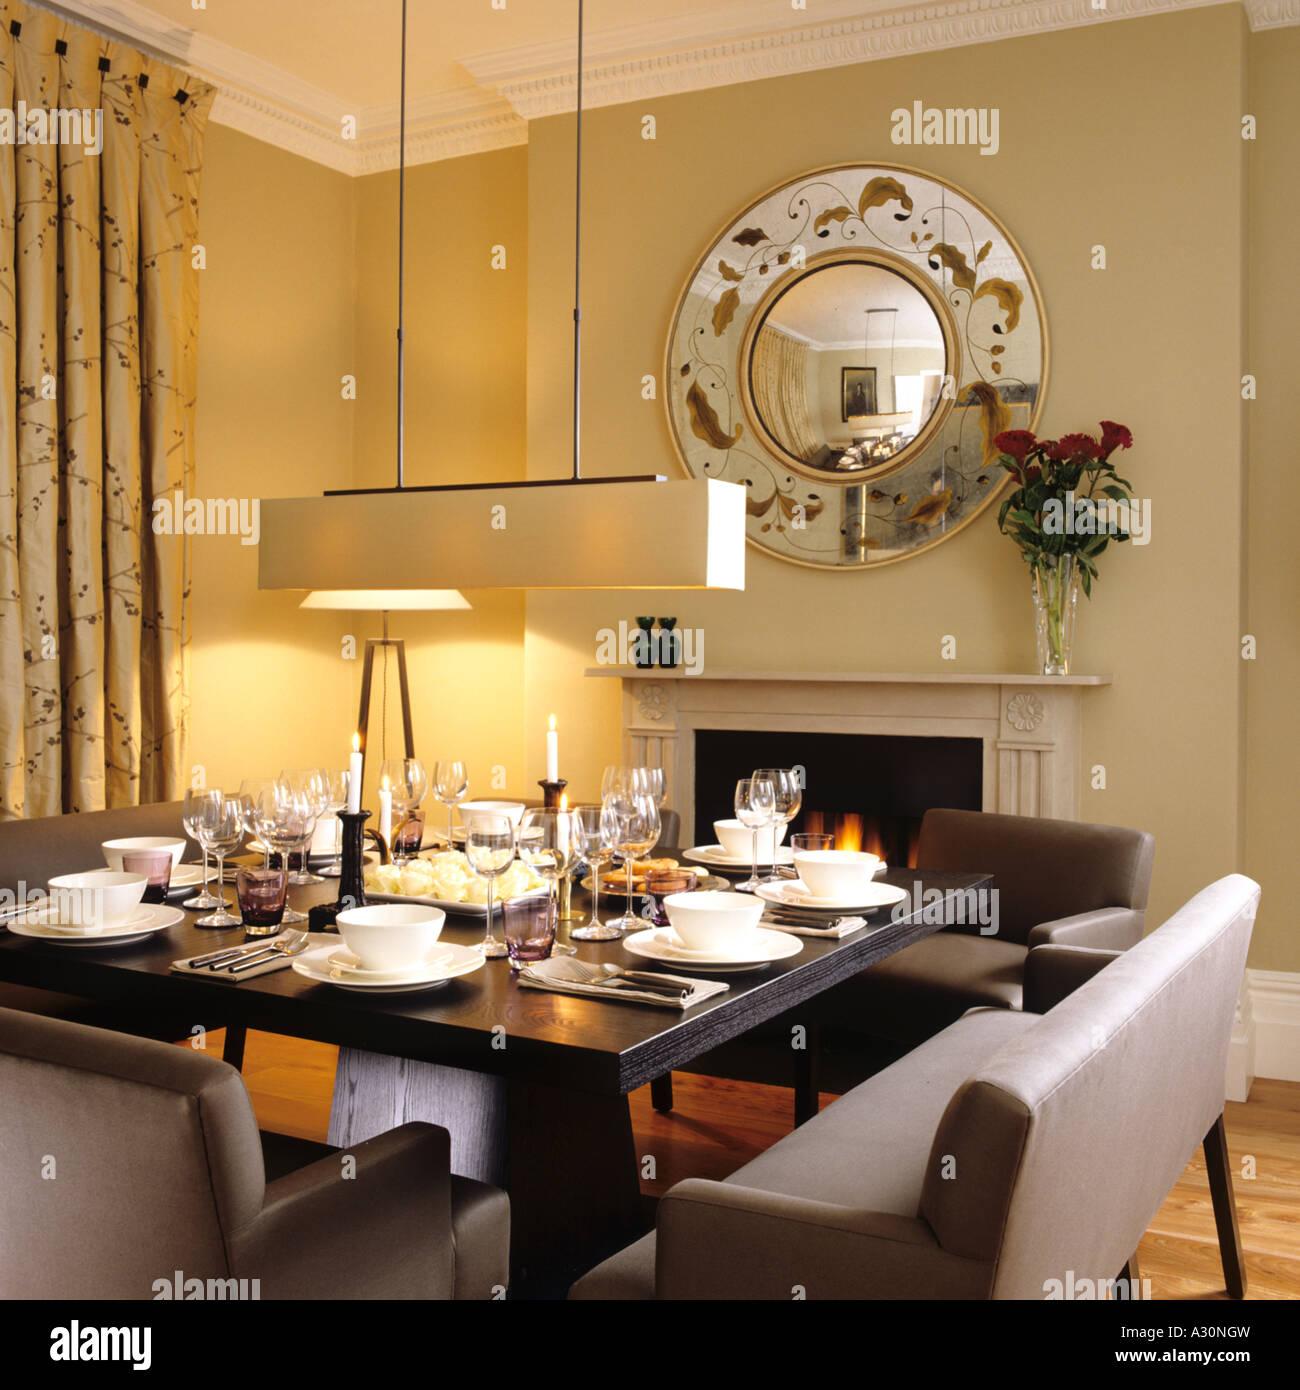 Square Table De Salle à Manger Avec Banquette Double Coin Et Feu Ouvert  Sous Miroir Circulaire